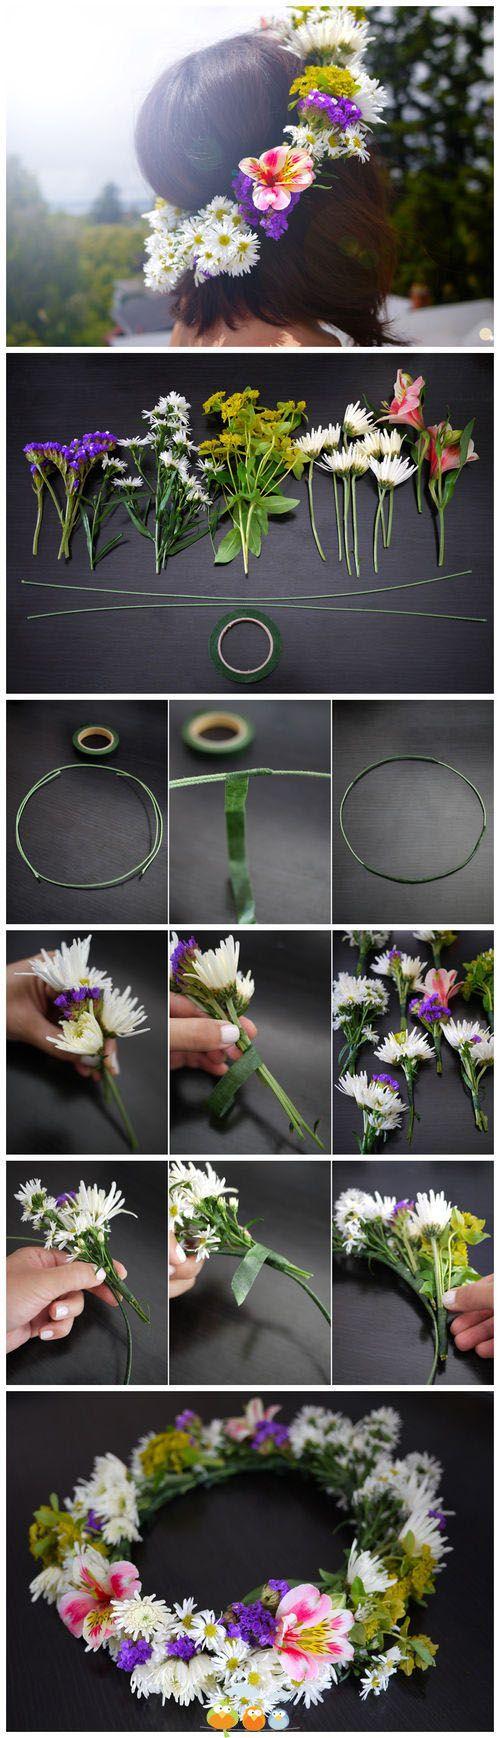 Me encantan las coronitas de flores                                                                                                                                                     Más